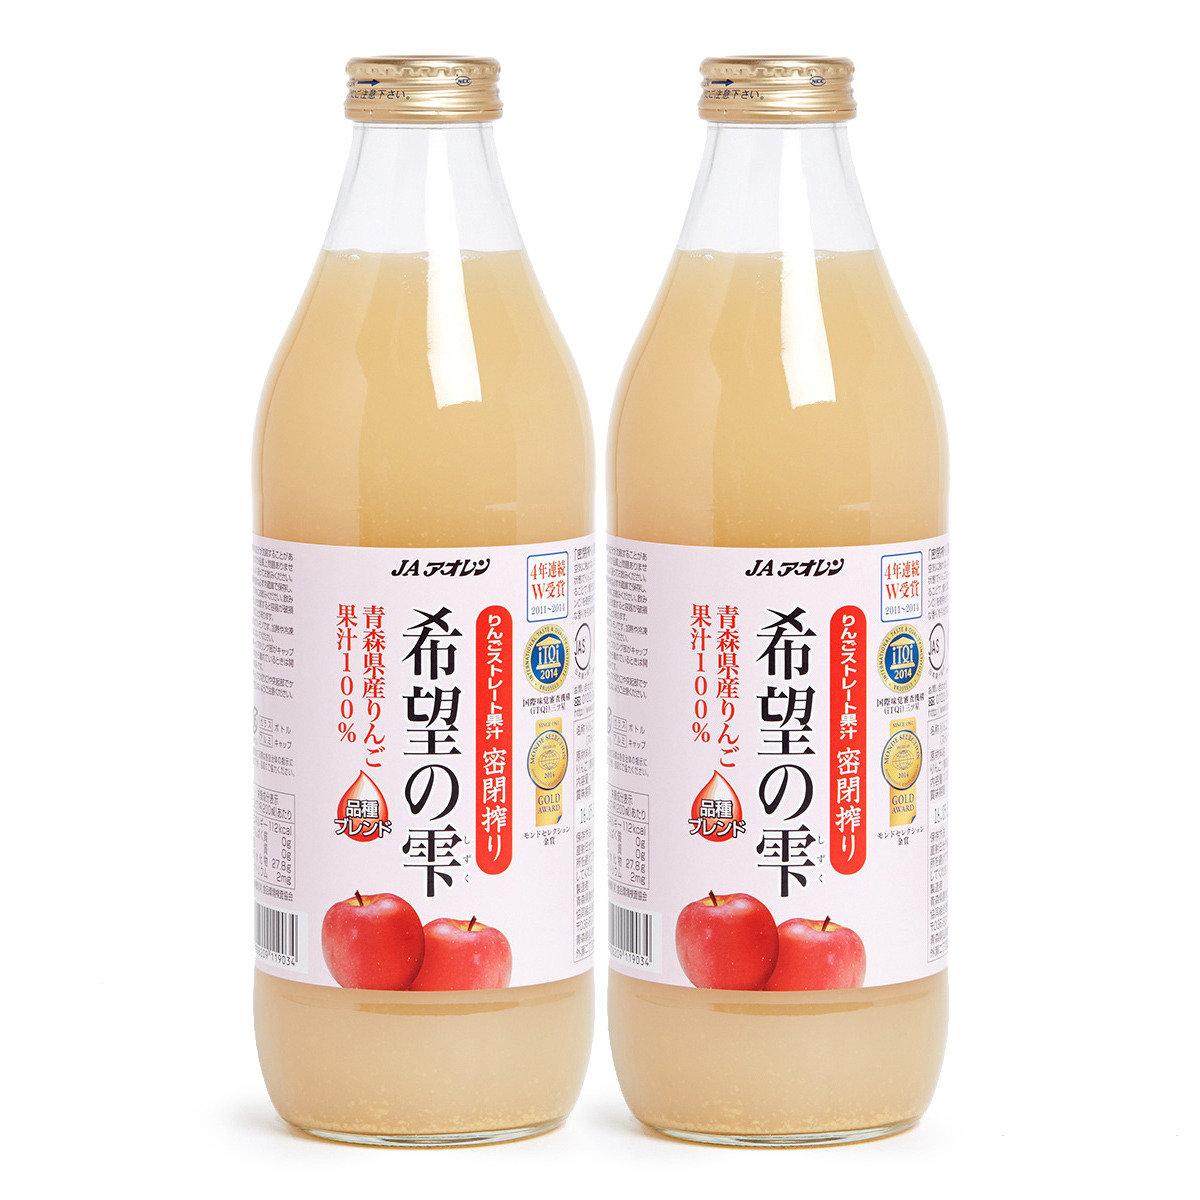 希望之雫蘋果汁